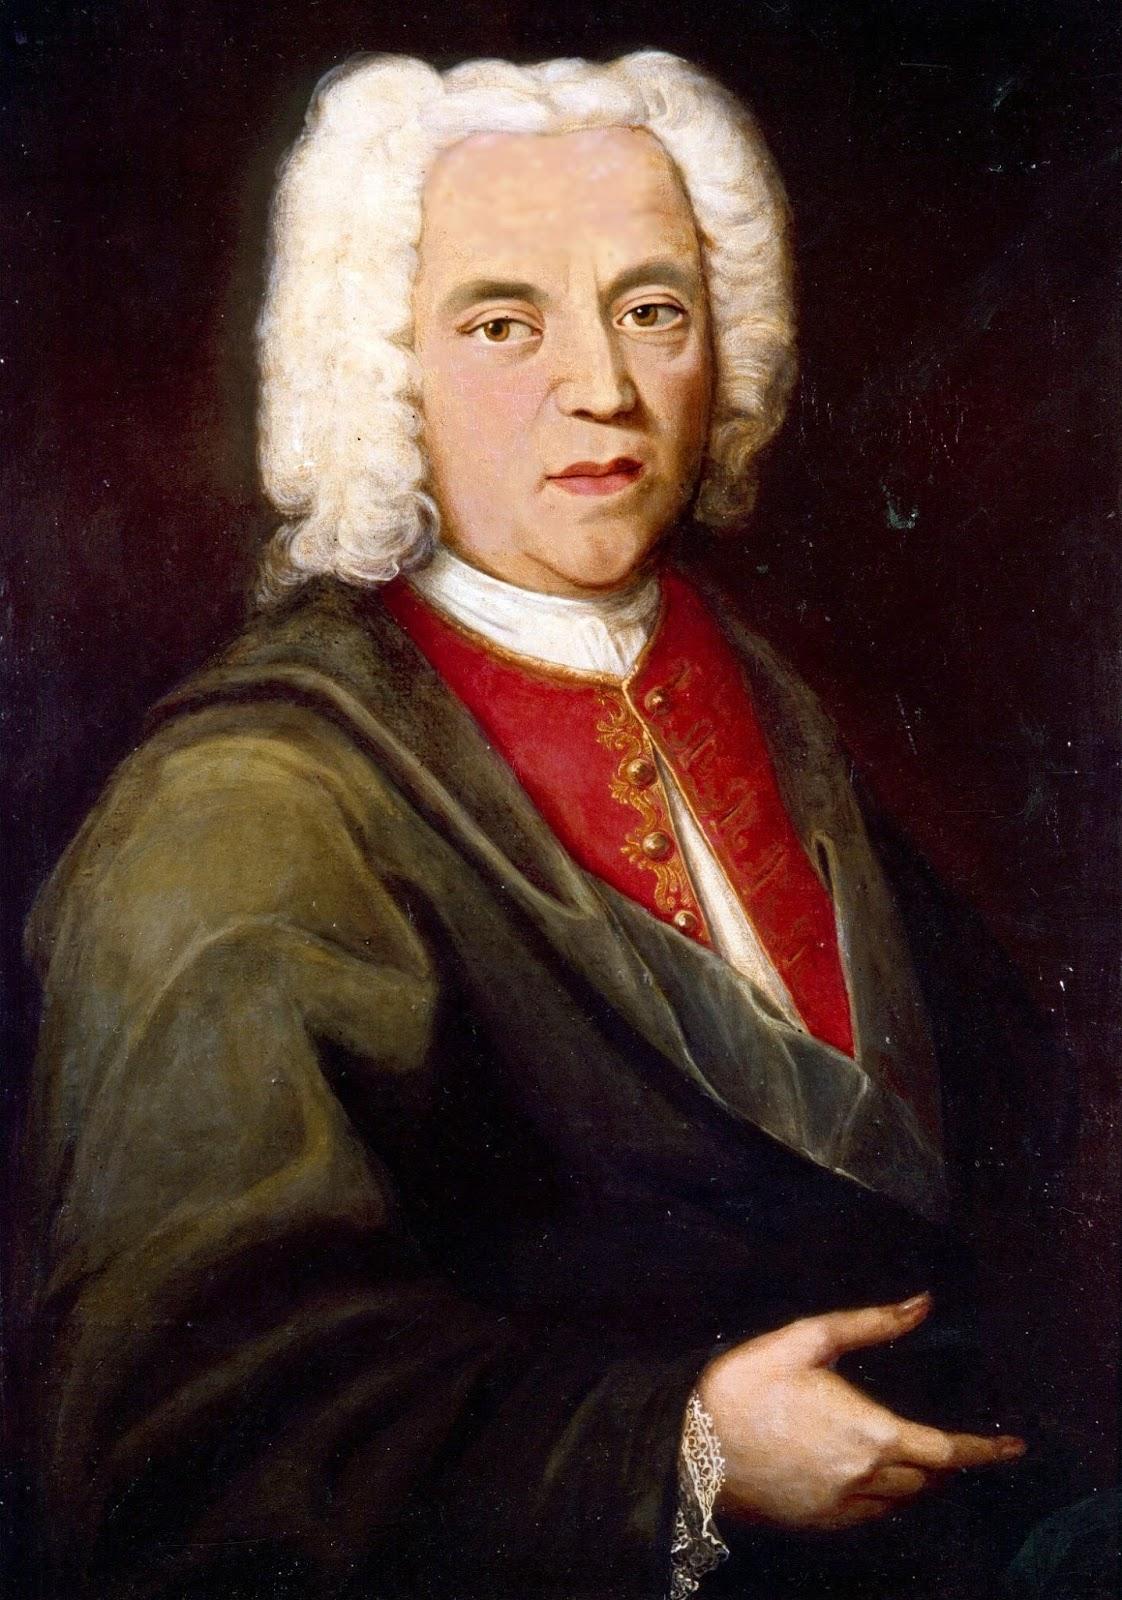 Johann Maria Farina Perfumier Italy On This Day